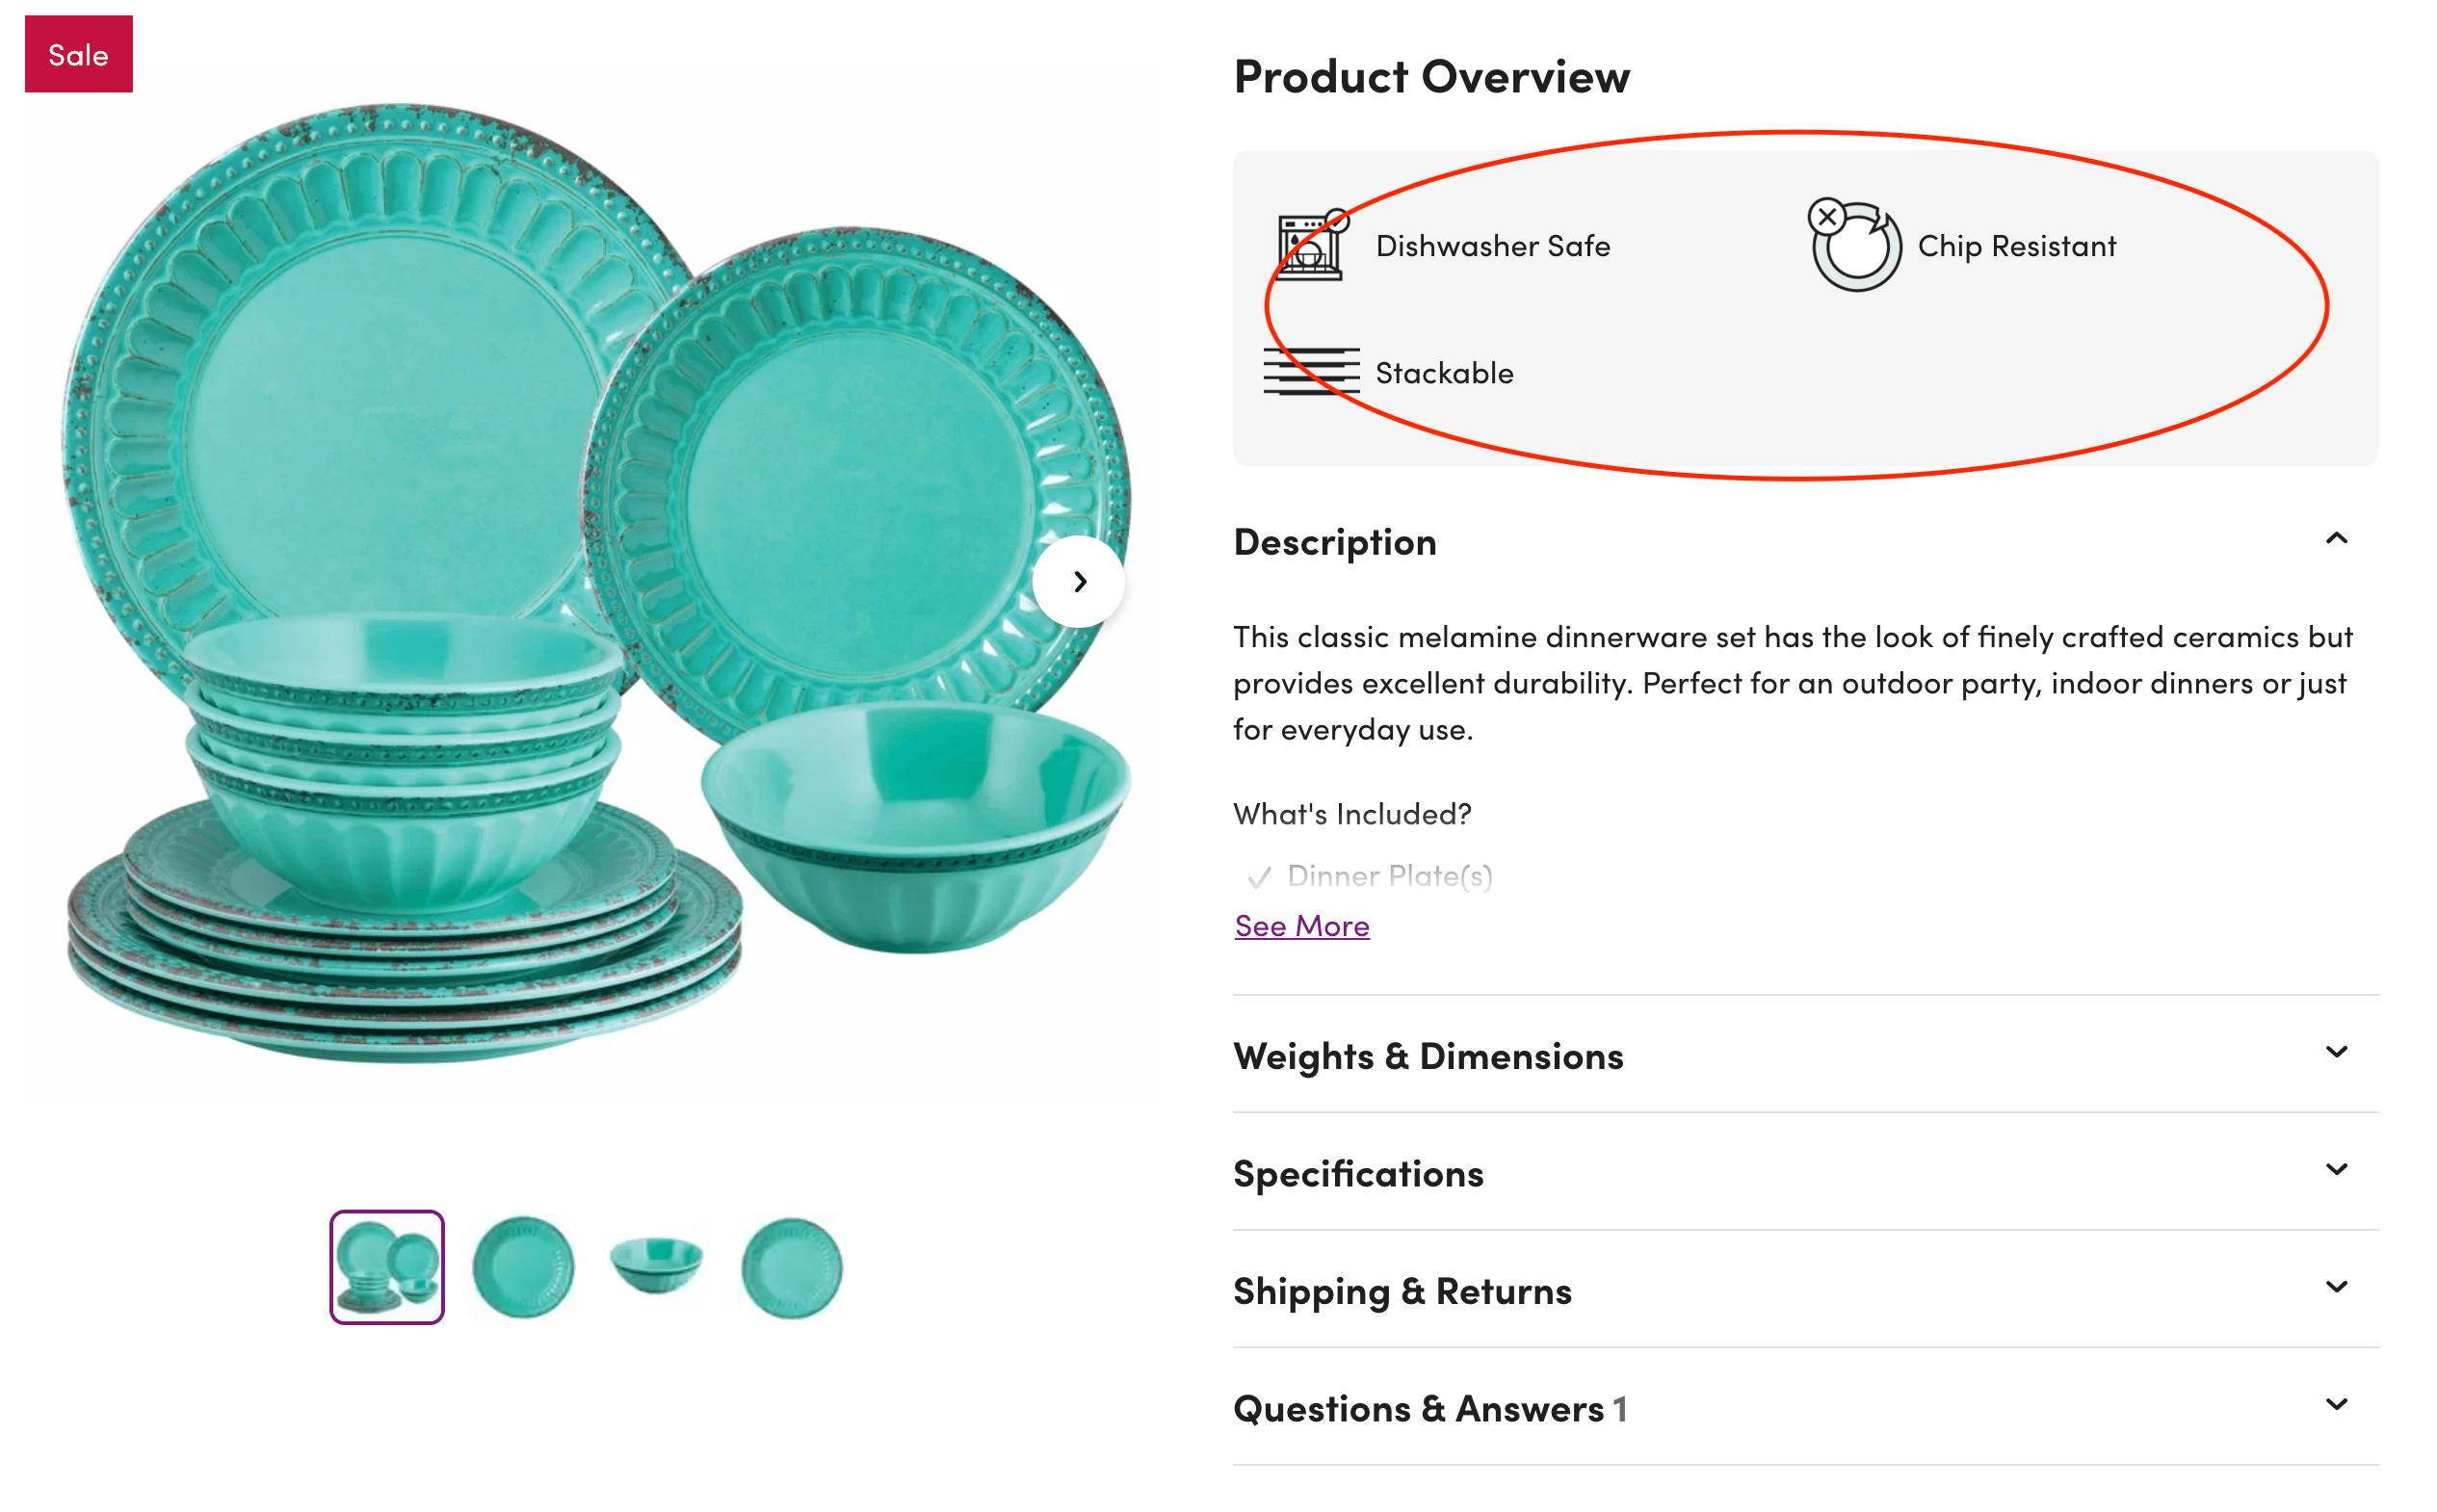 Wayfair product description